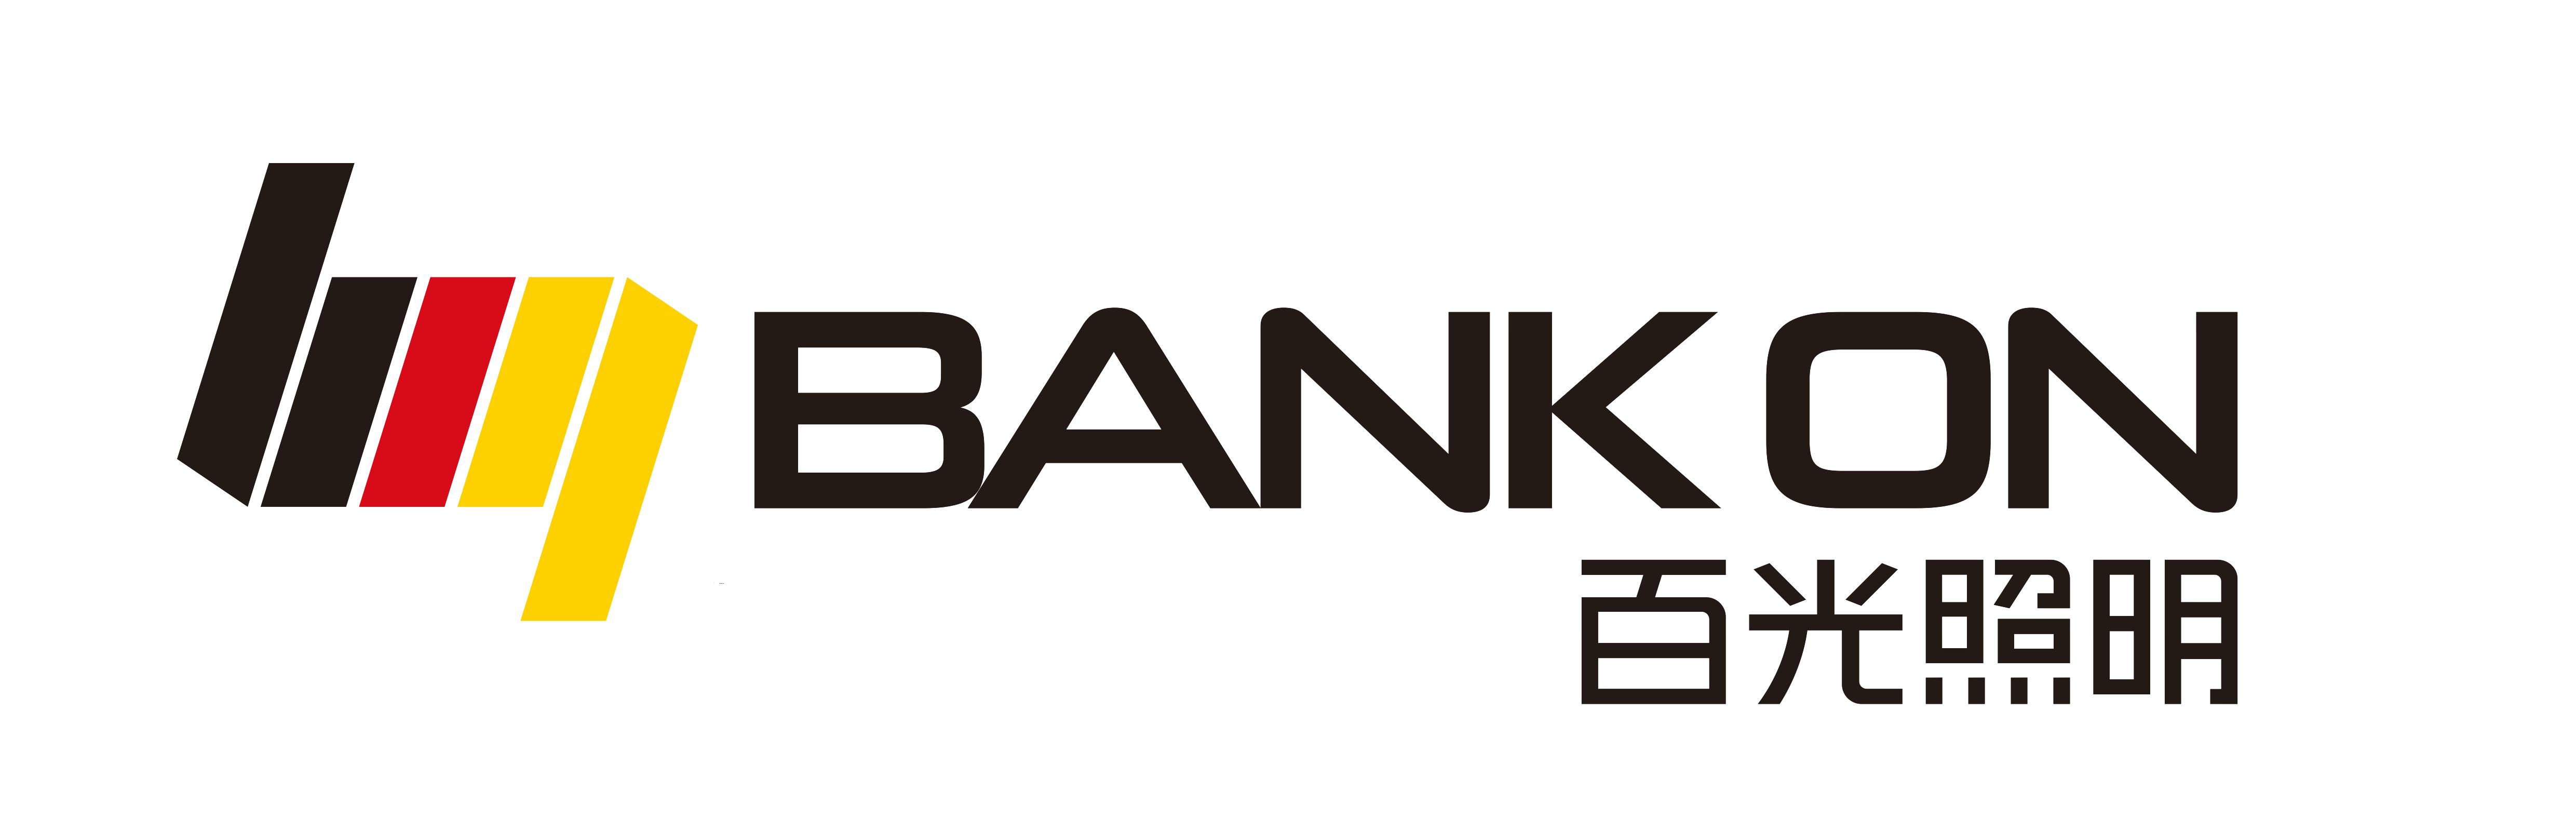 BANKON